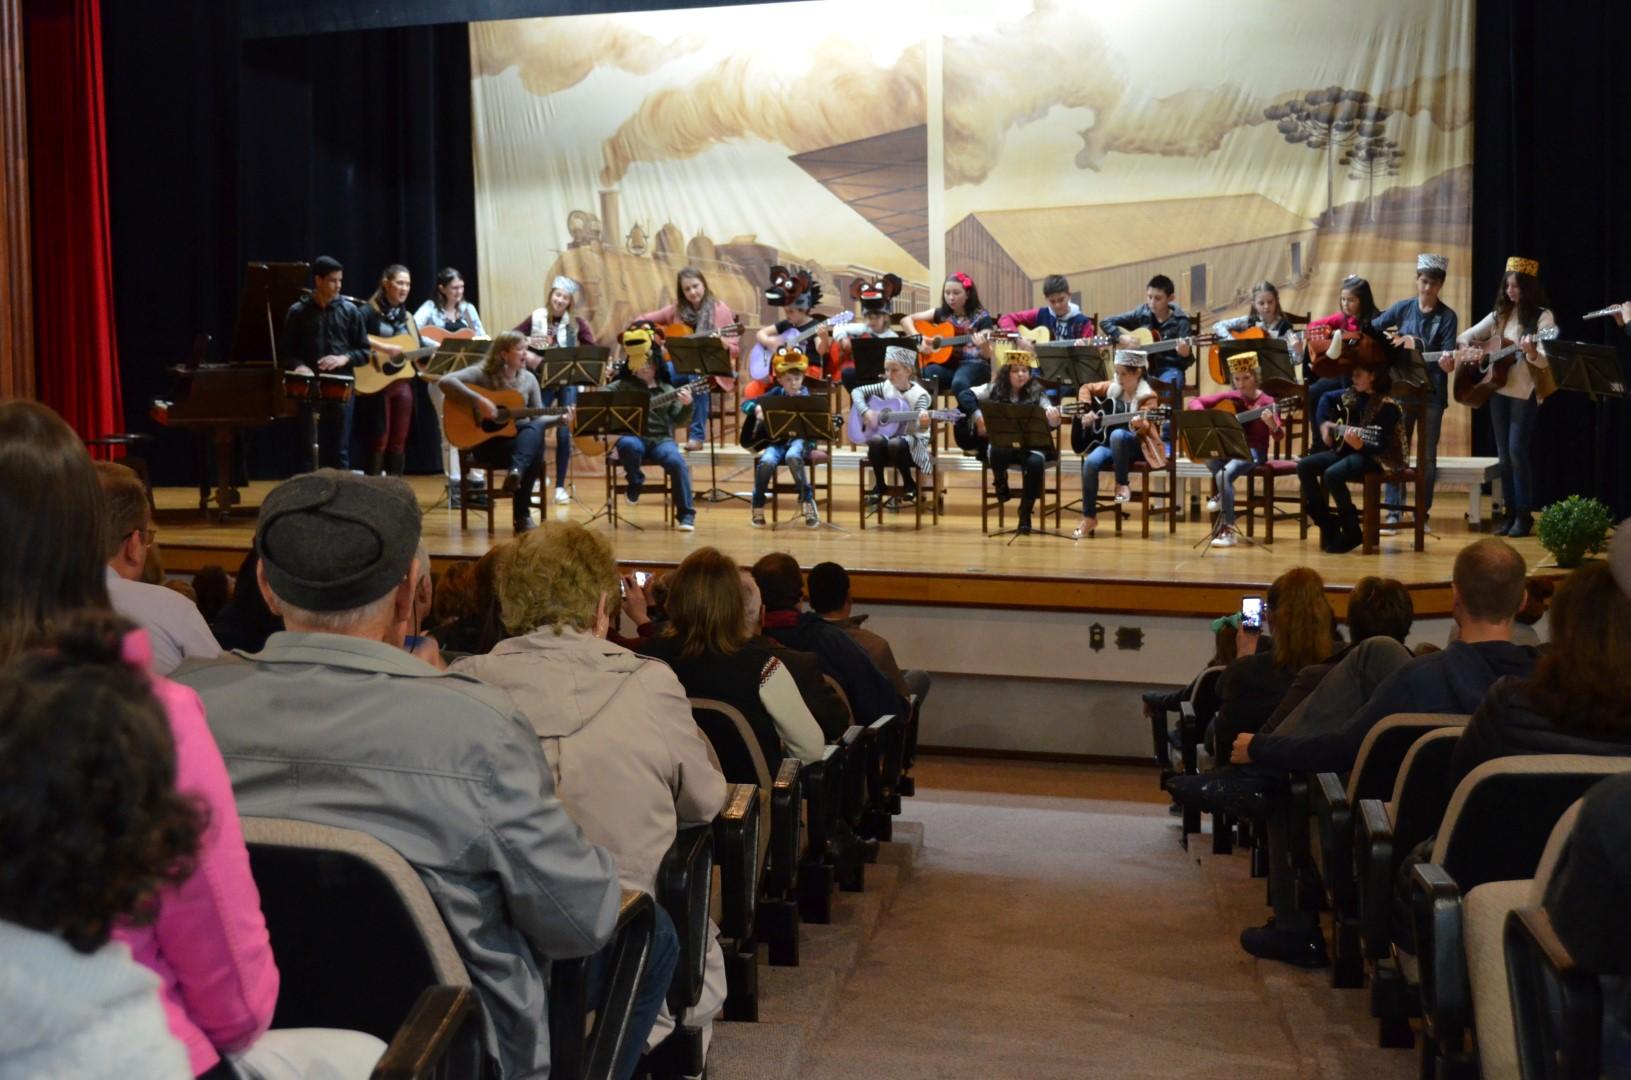 Musikschüler der Kulturstiftung veranstalten das 3. Musikvorspiel  - 24/08/2018